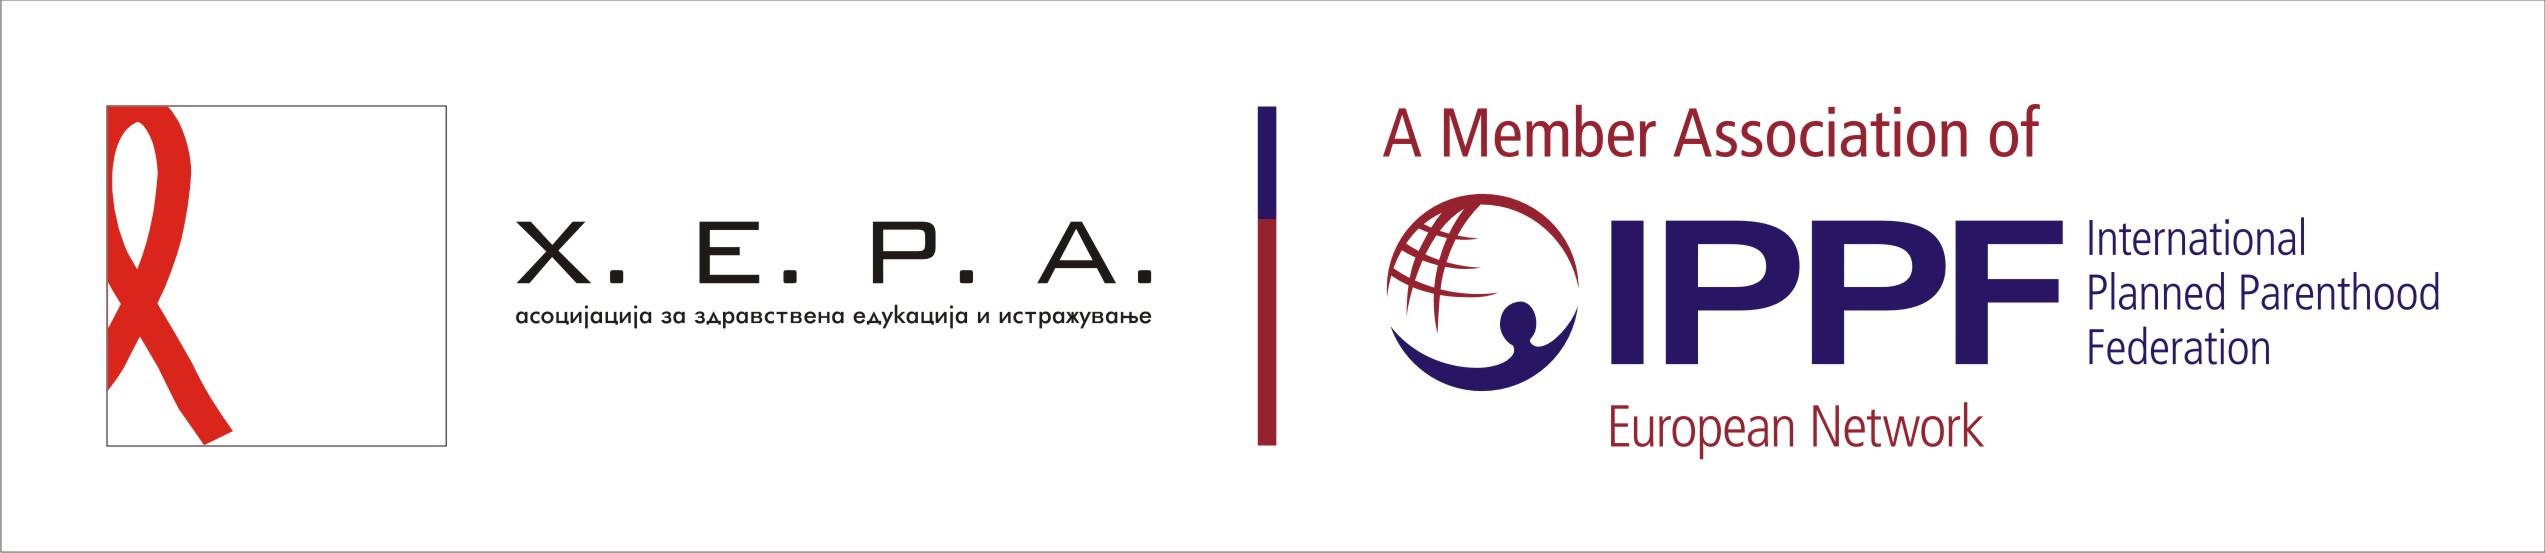 hera_memeber ass. IPPF logo_RGB